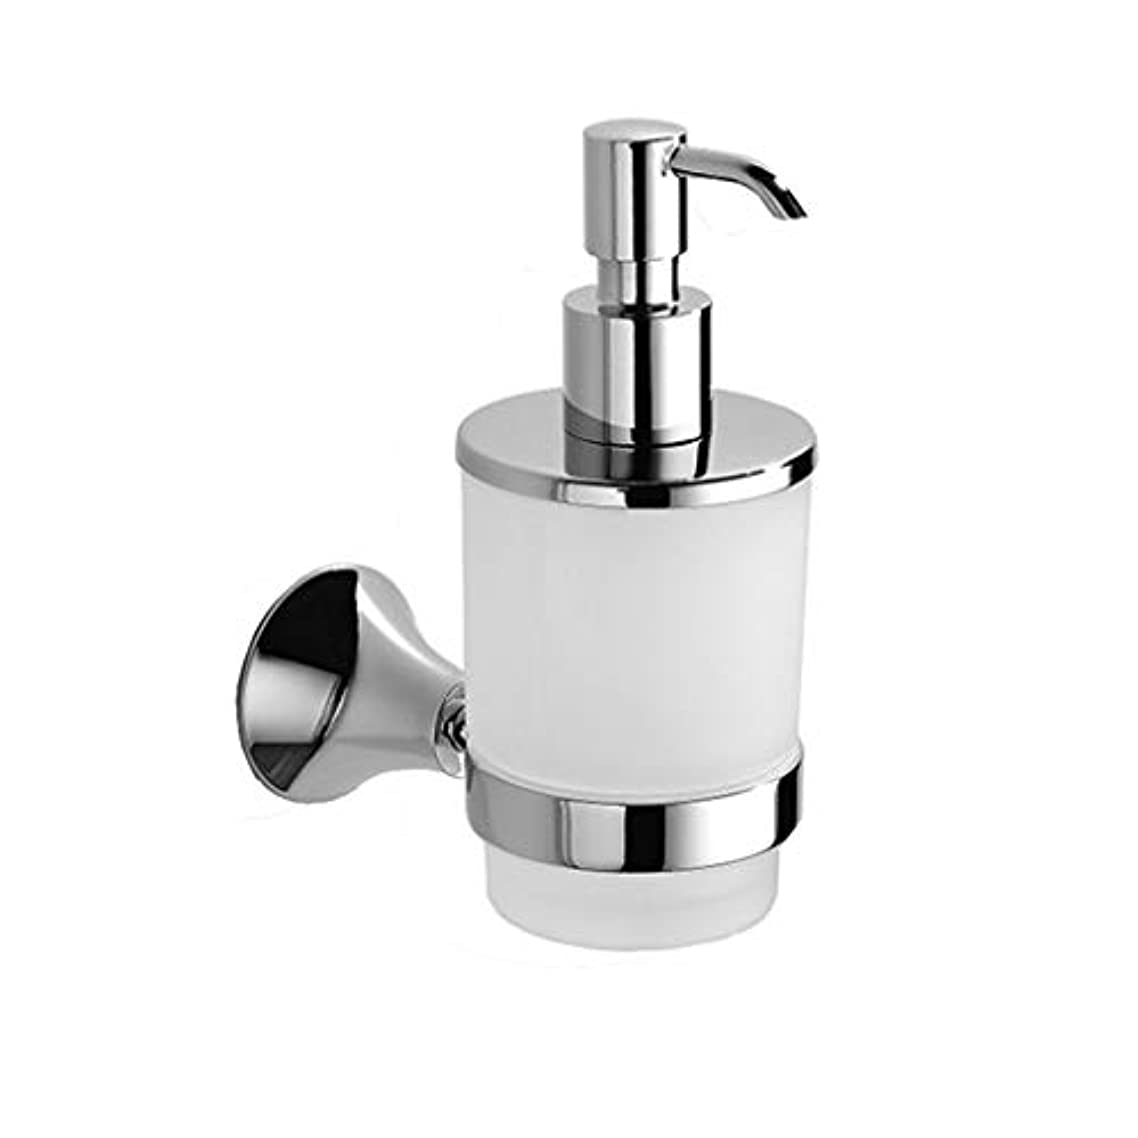 バラエティ詐欺複雑でないKylinssh 台所の流し、ステンレス鋼、商業用等級の液体皿ディスペンサーポンプのための石鹸ディスペンサー、設計300mlで造られて